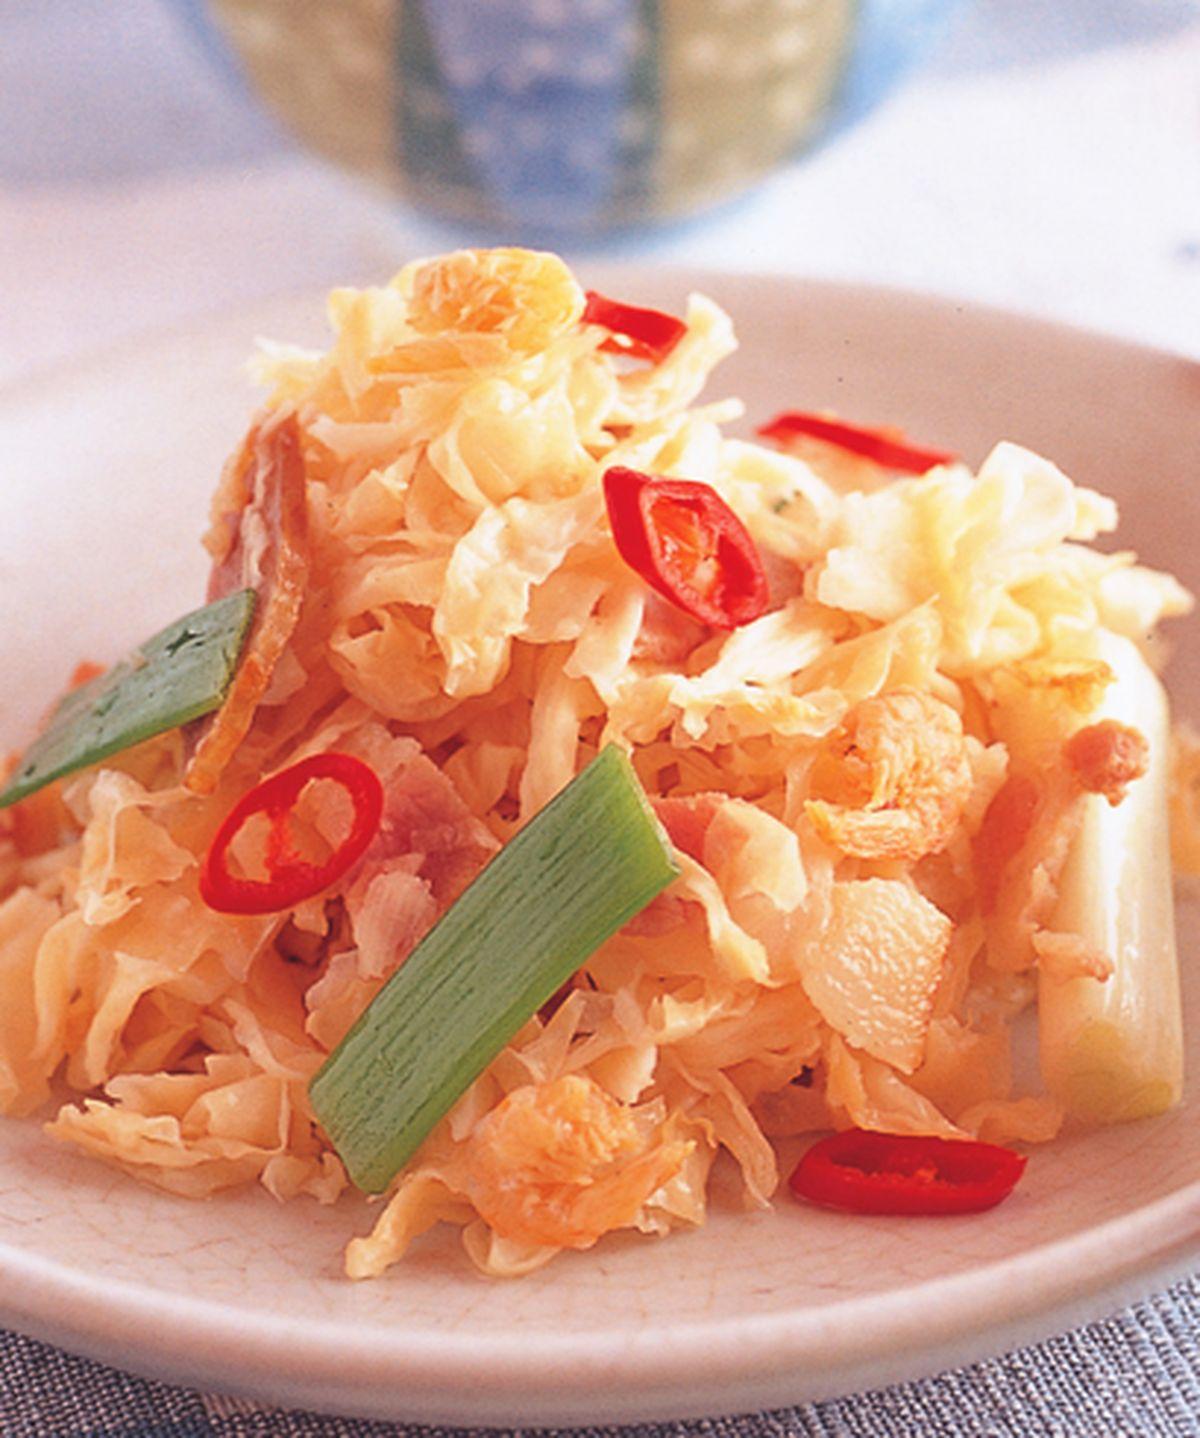 食譜:培根辣炒高麗菜乾